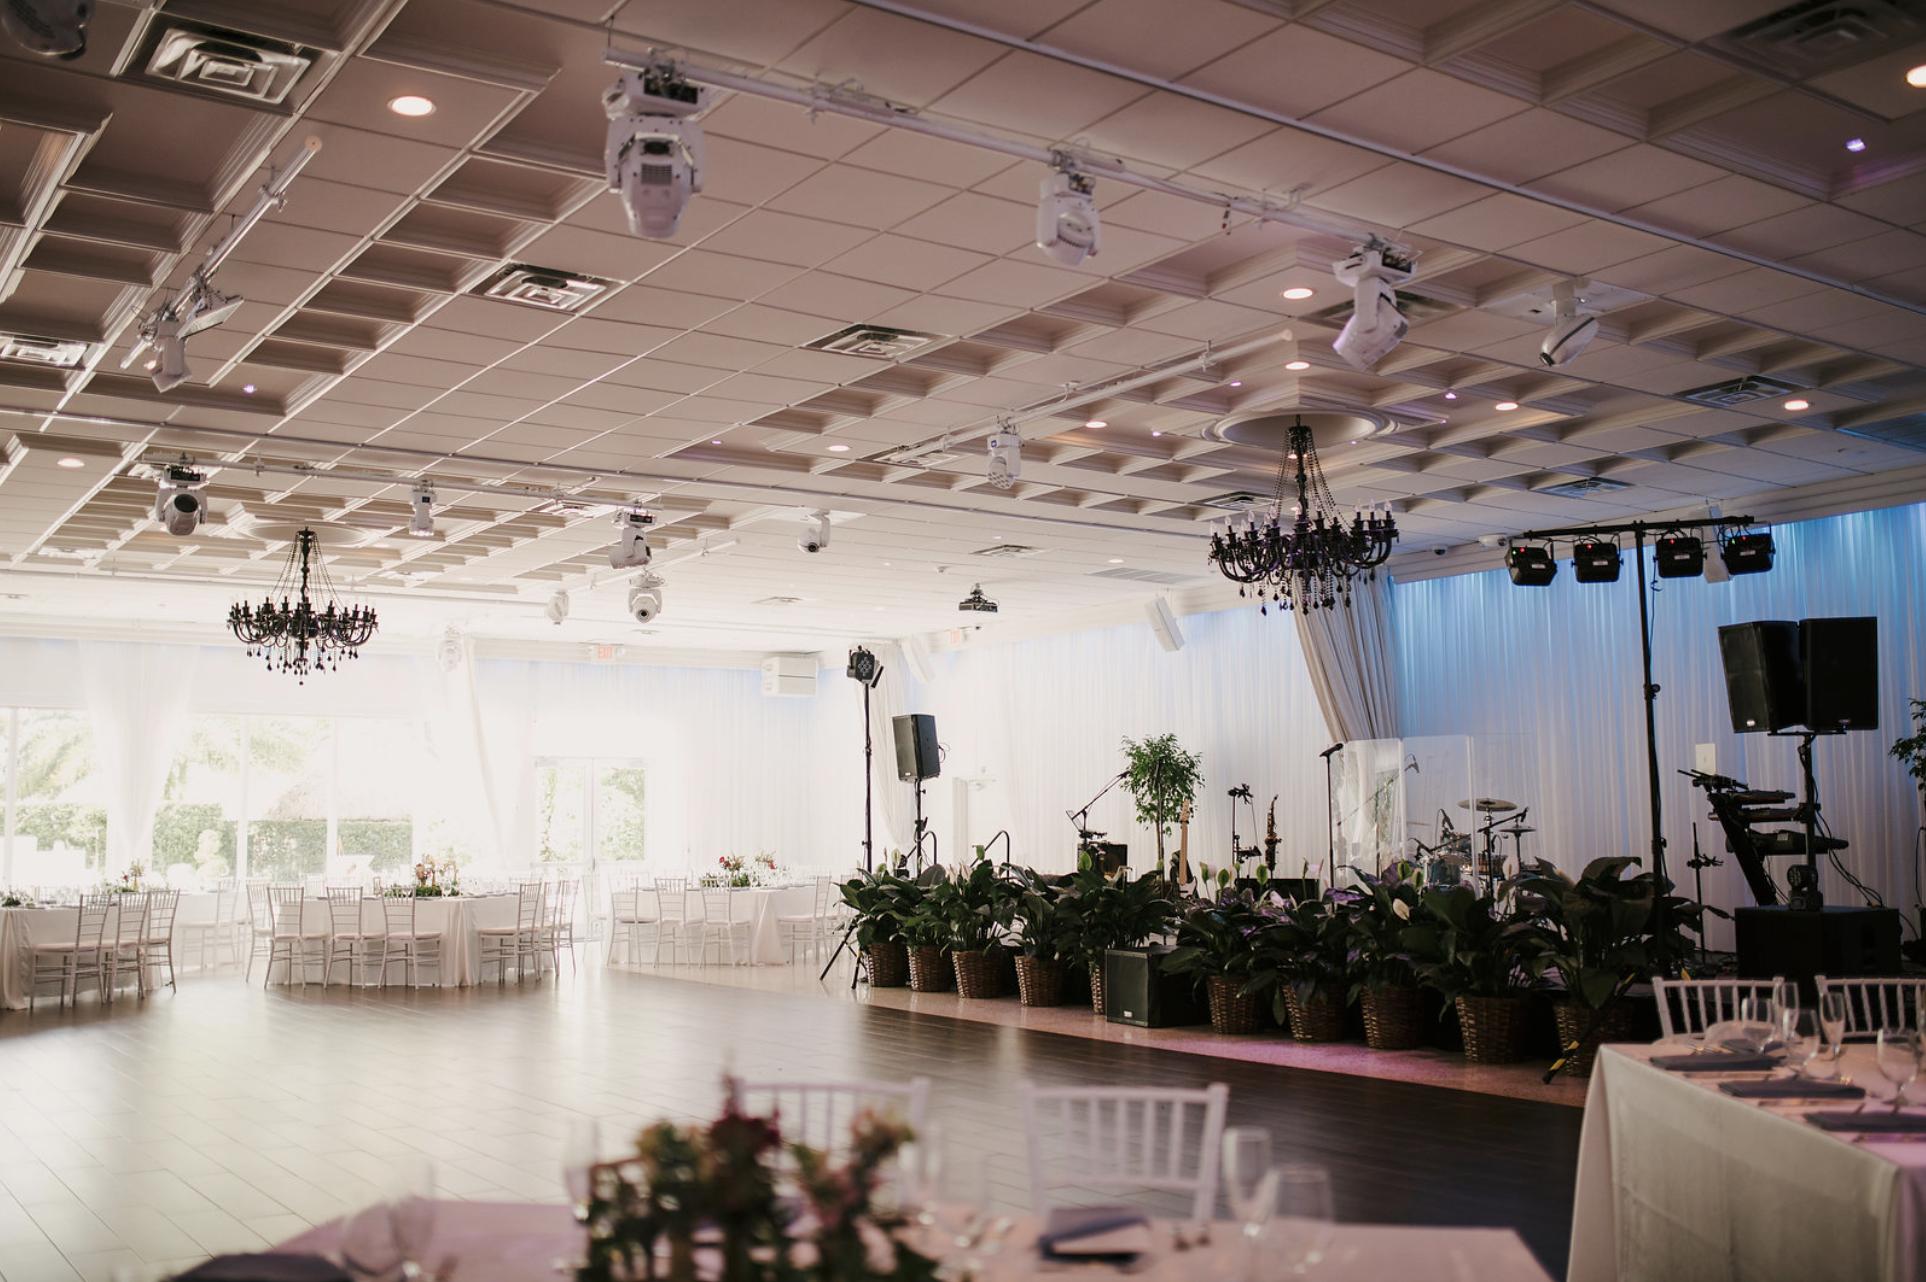 Lavan Broward Ft Lauderdale Event Venue 4.10.33 PM.png